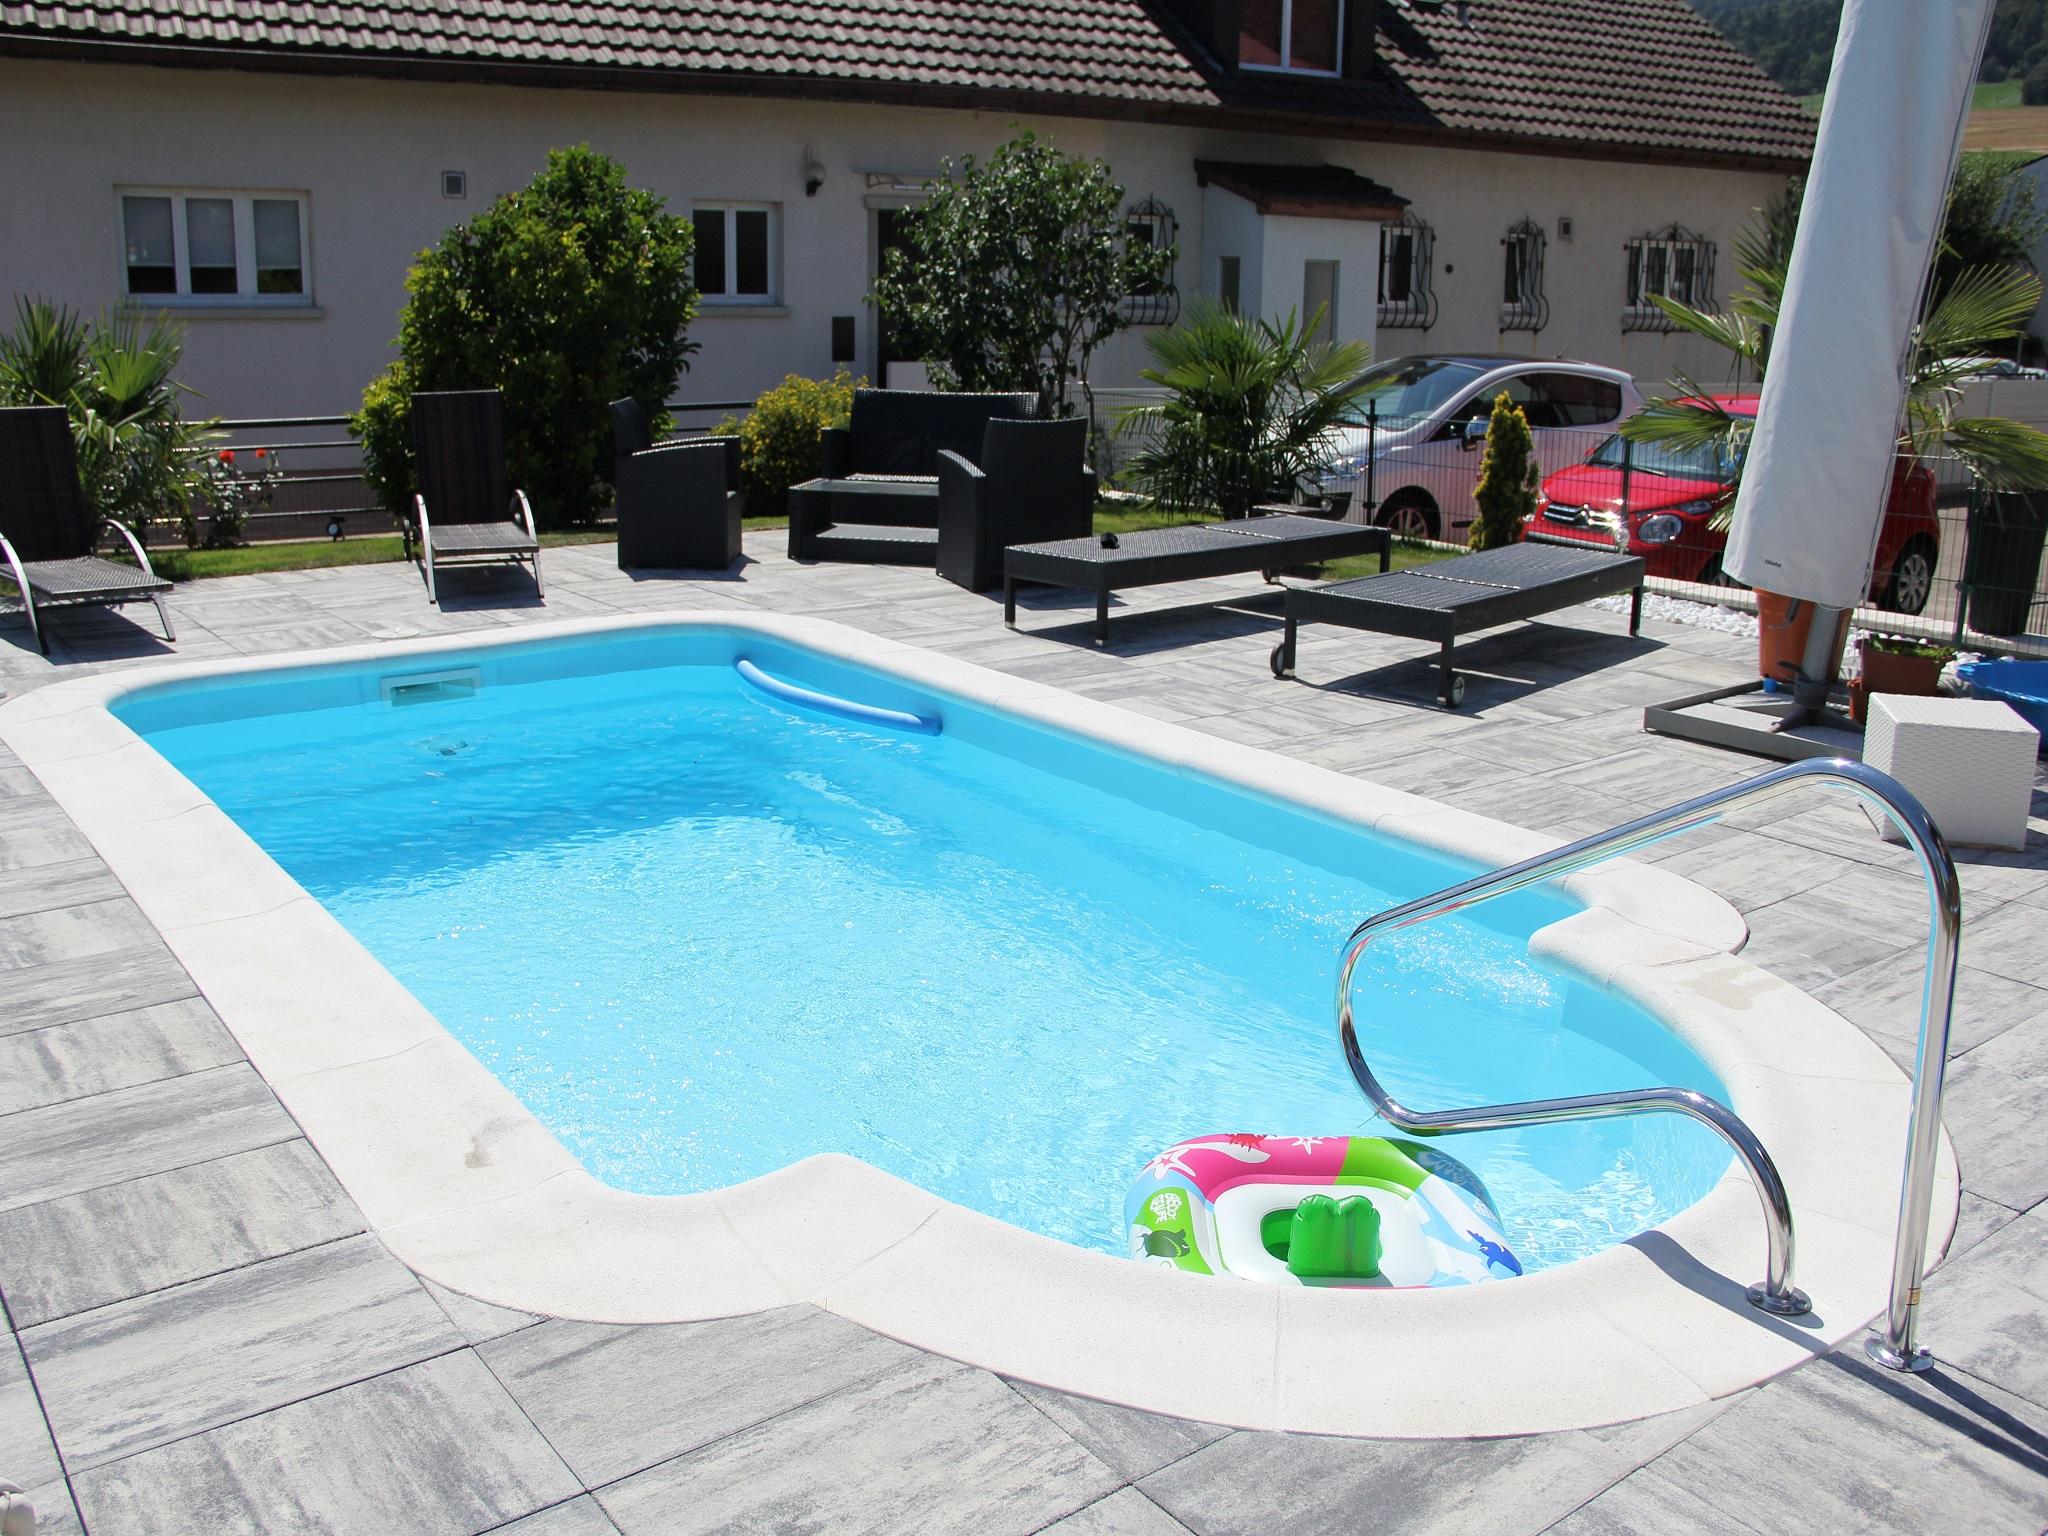 Appartement de vacances relaxe zu Hause ds 3pc oder im Studio eingerichteter Whirlpool und Pool im Somme (2520436), Bevaix, Lac de Neuchâtel, Jura - Neuchâtel, Suisse, image 11